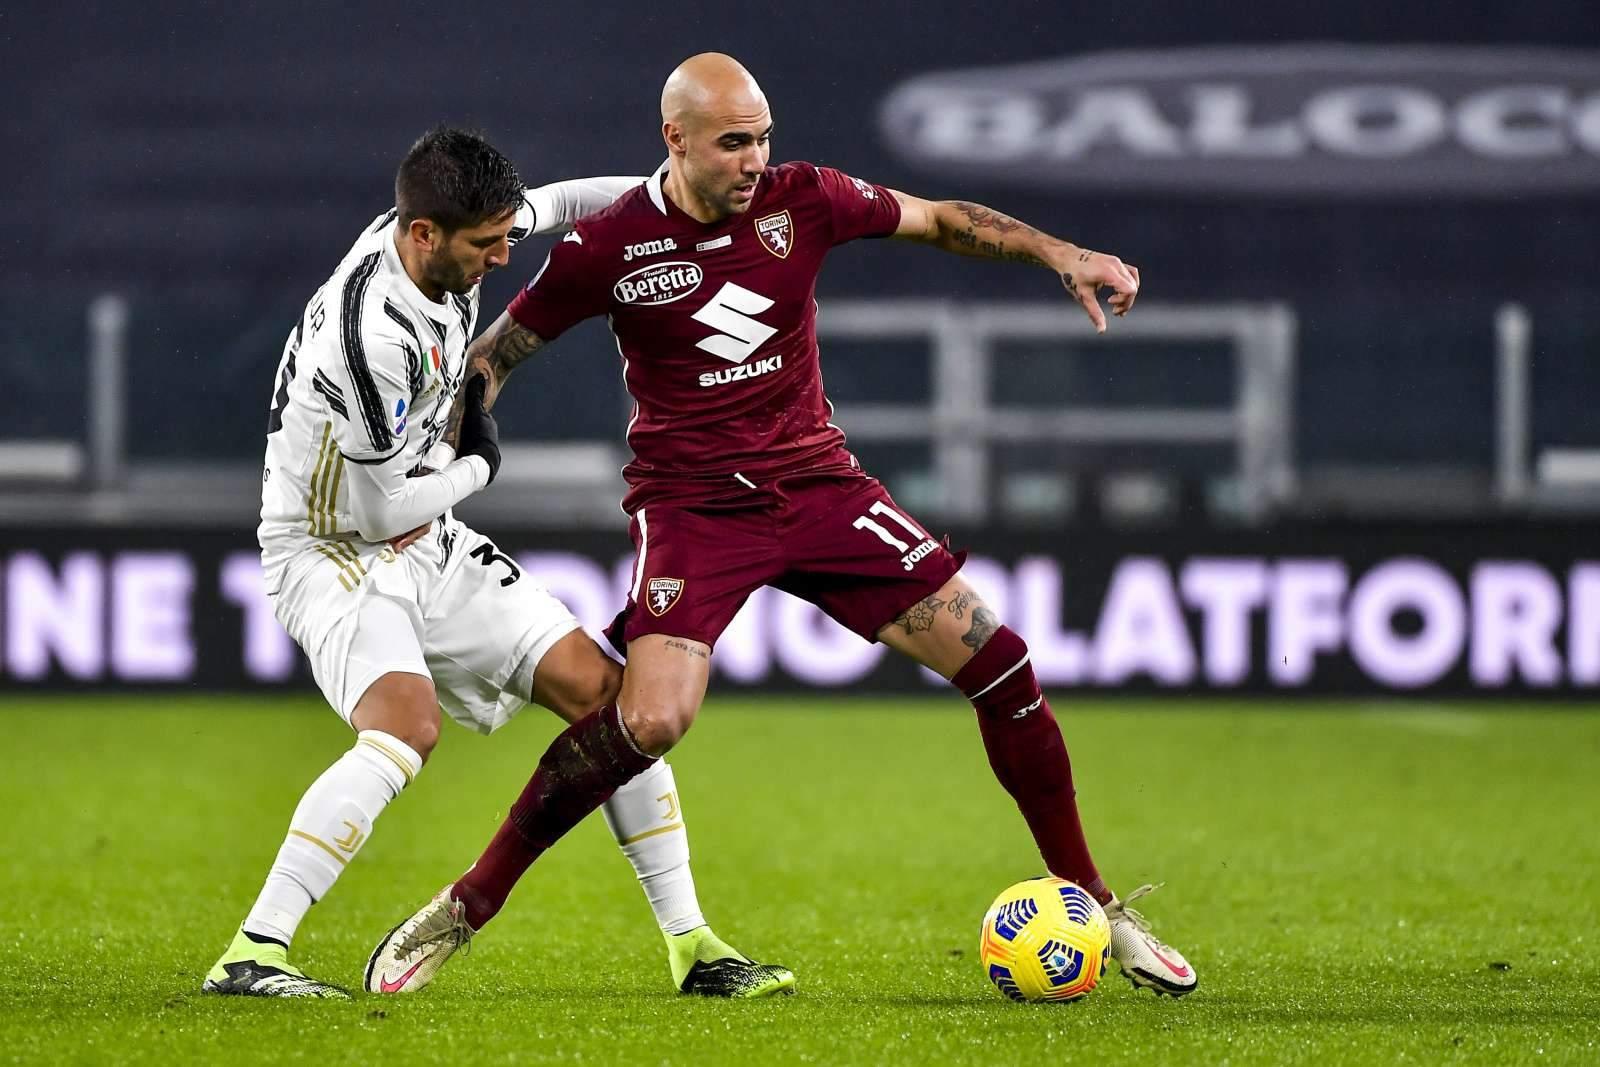 Дубль Дзадзы позволил «Торино» вырвать ничью в игре с «Беневенто»